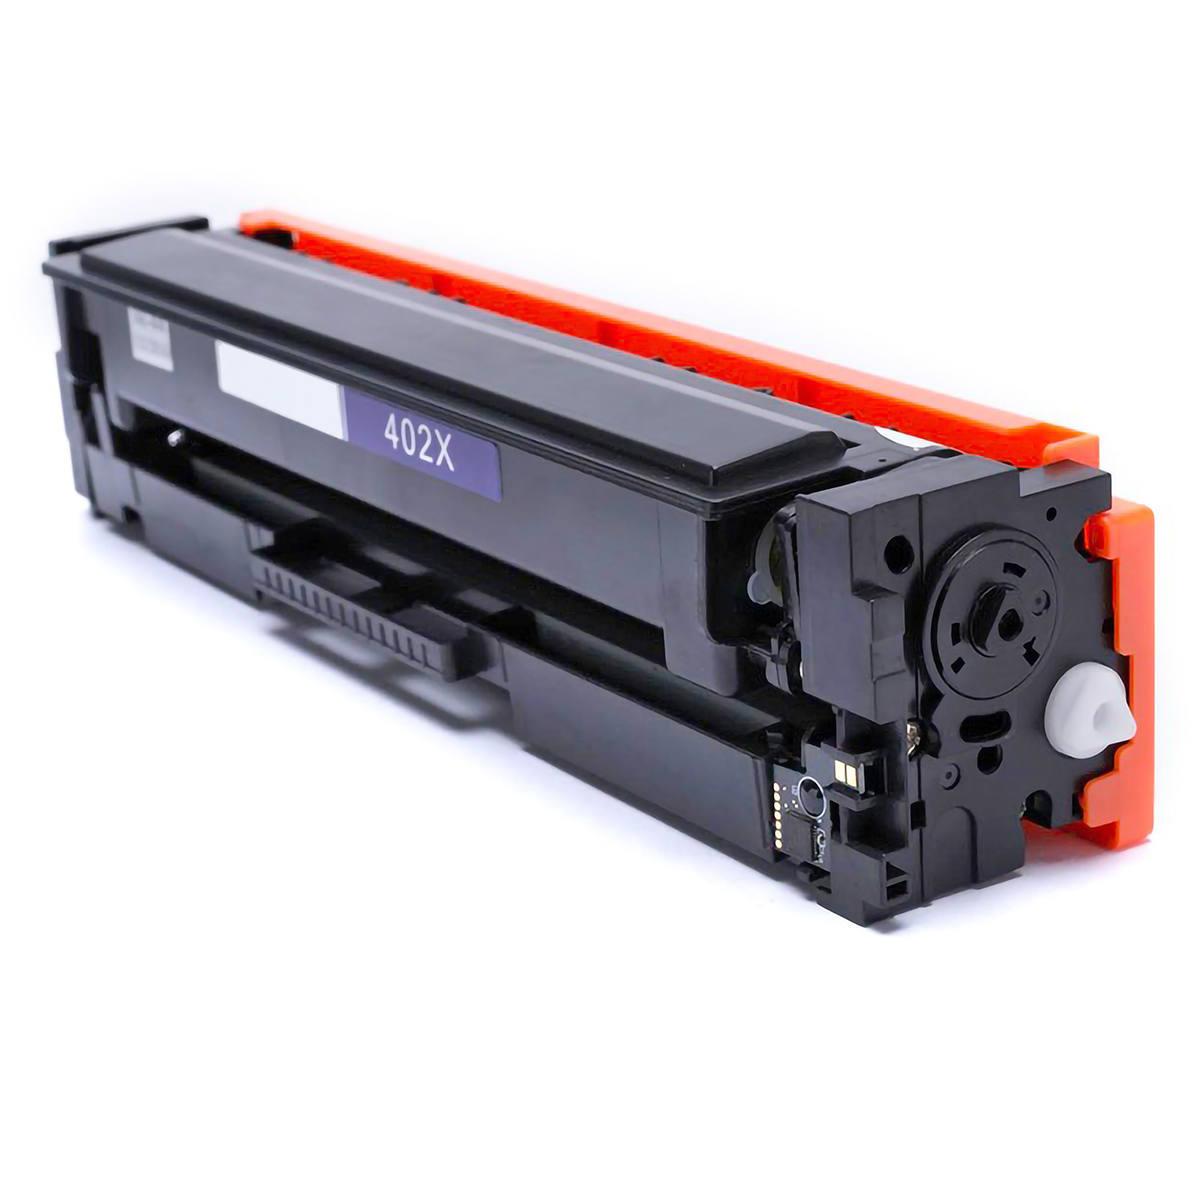 Compatível: Toner CF402X 201X para HP M277 M277n M277dw M252 M252n M252dw 252n 277n 252dw 277dw / Amarelo / 2.400